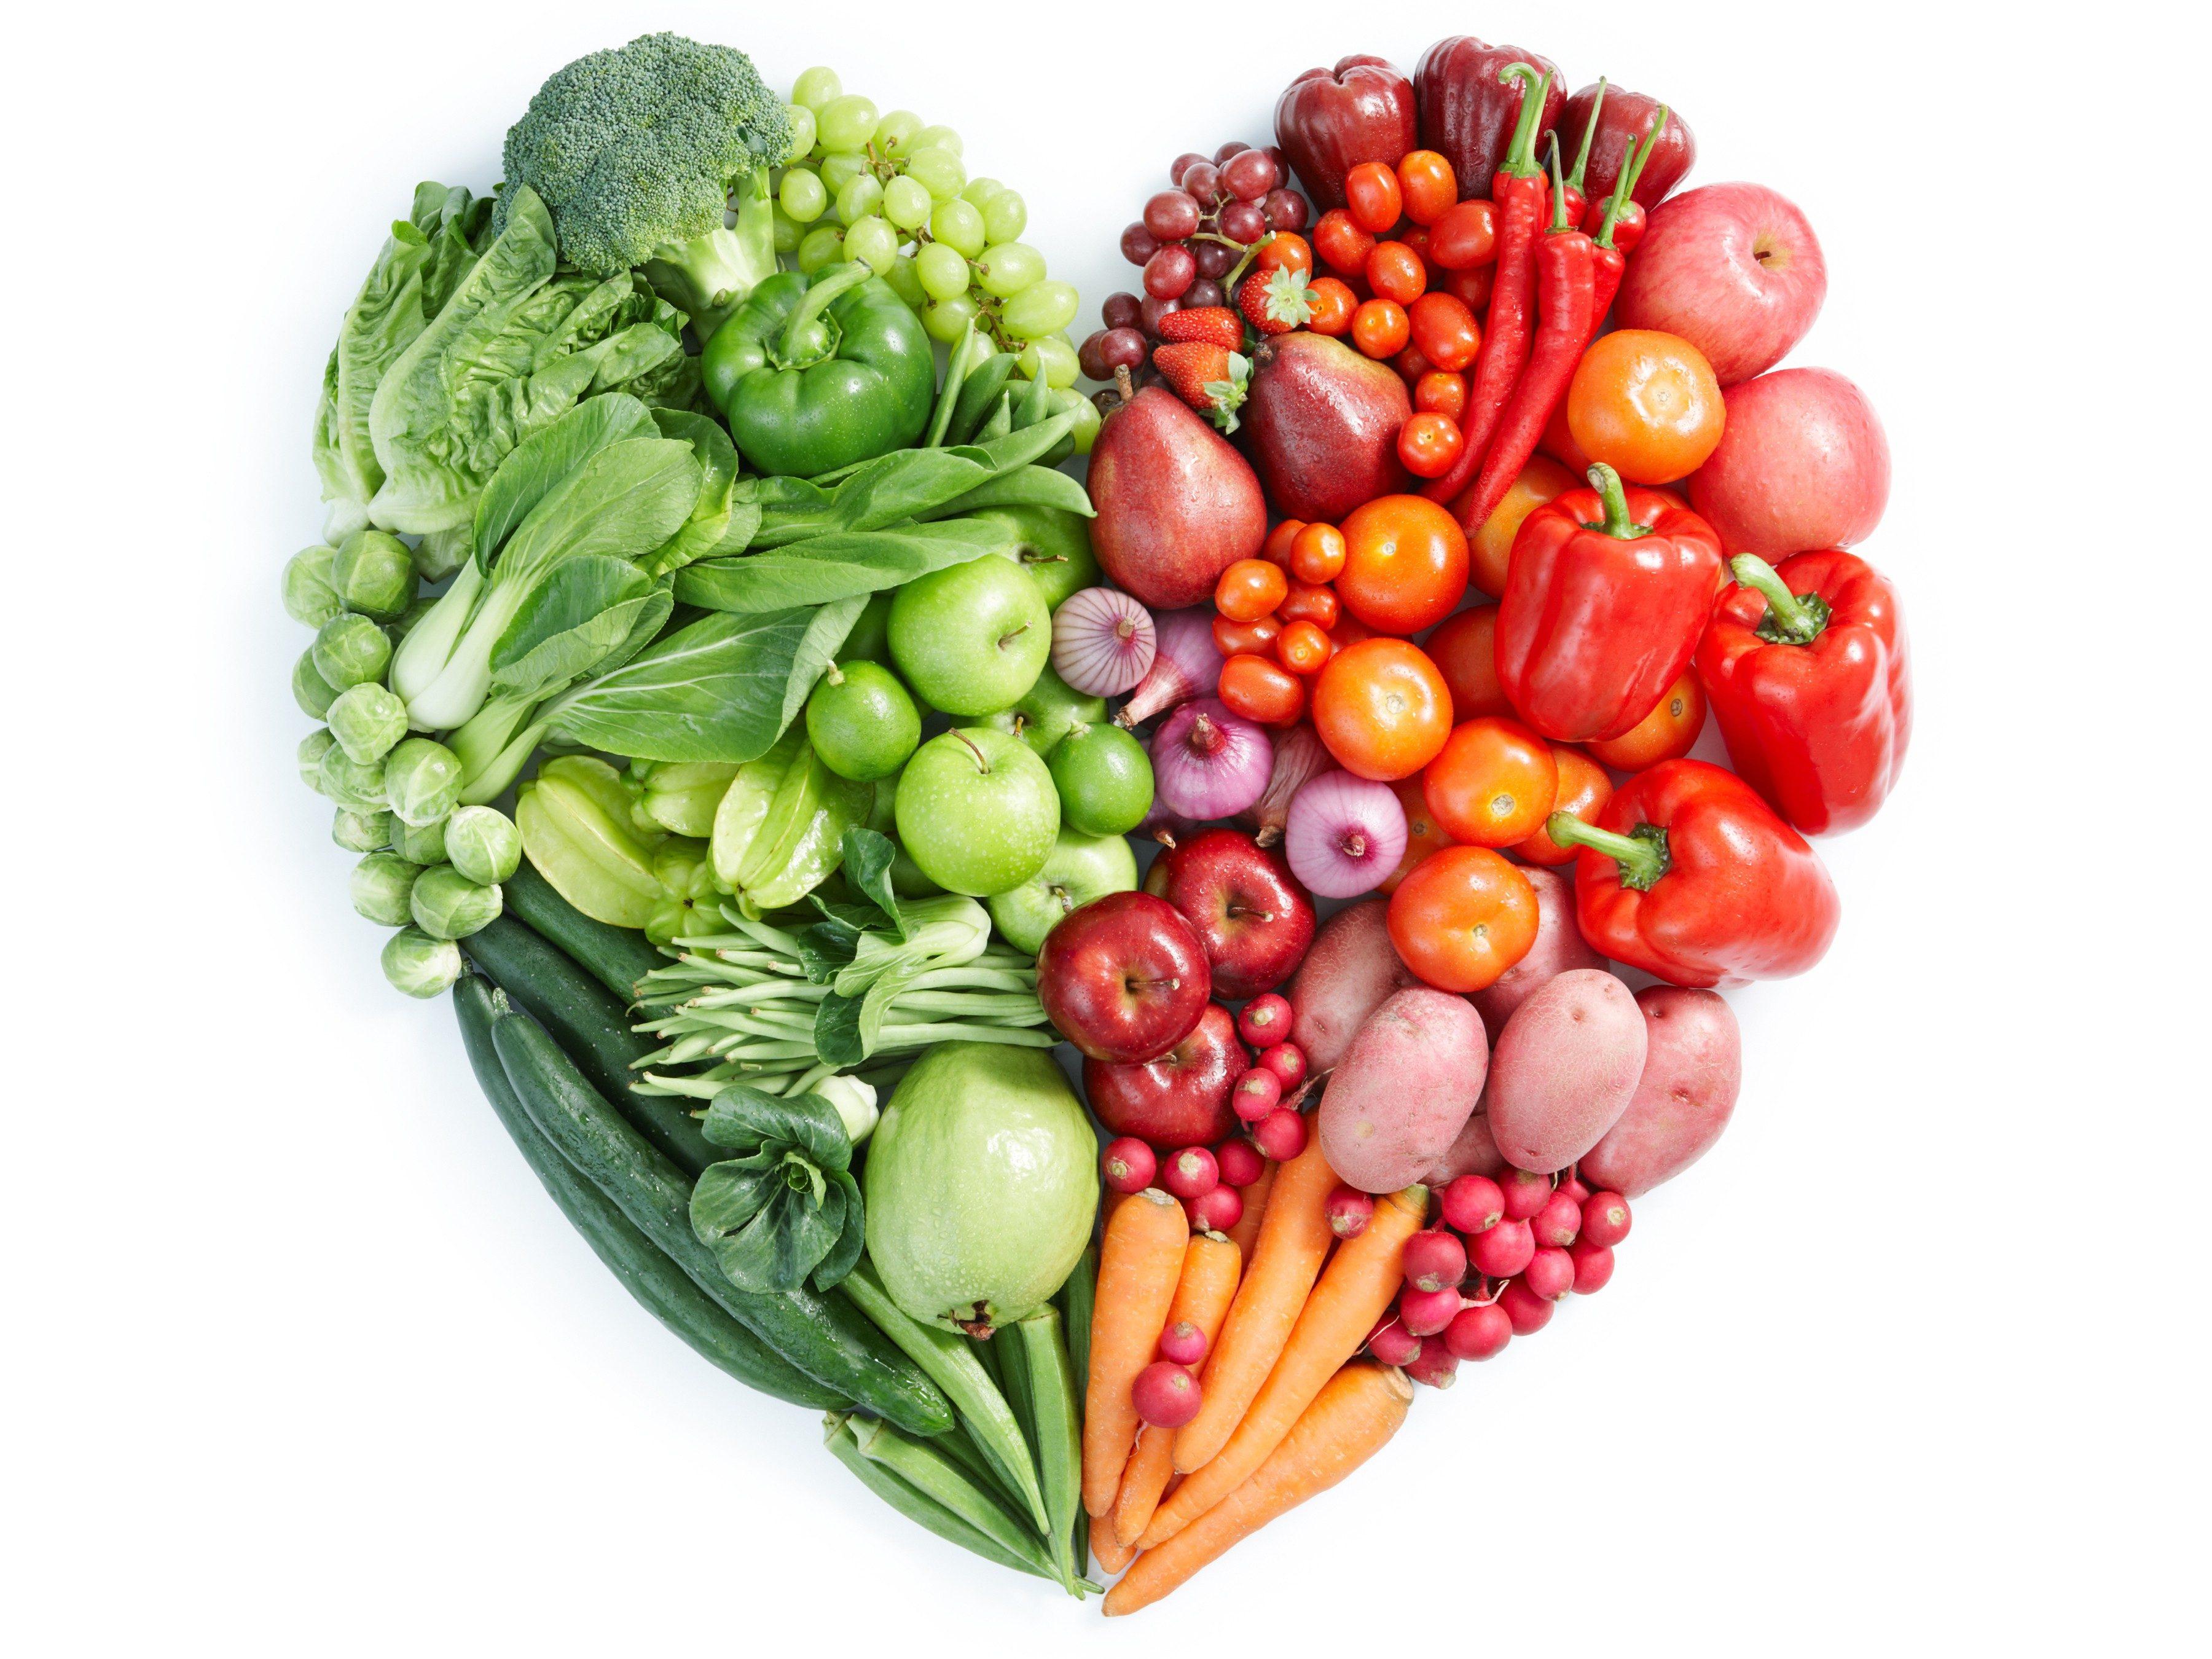 Ľahký roztok # 7: Sledujte protizápalovú výživu